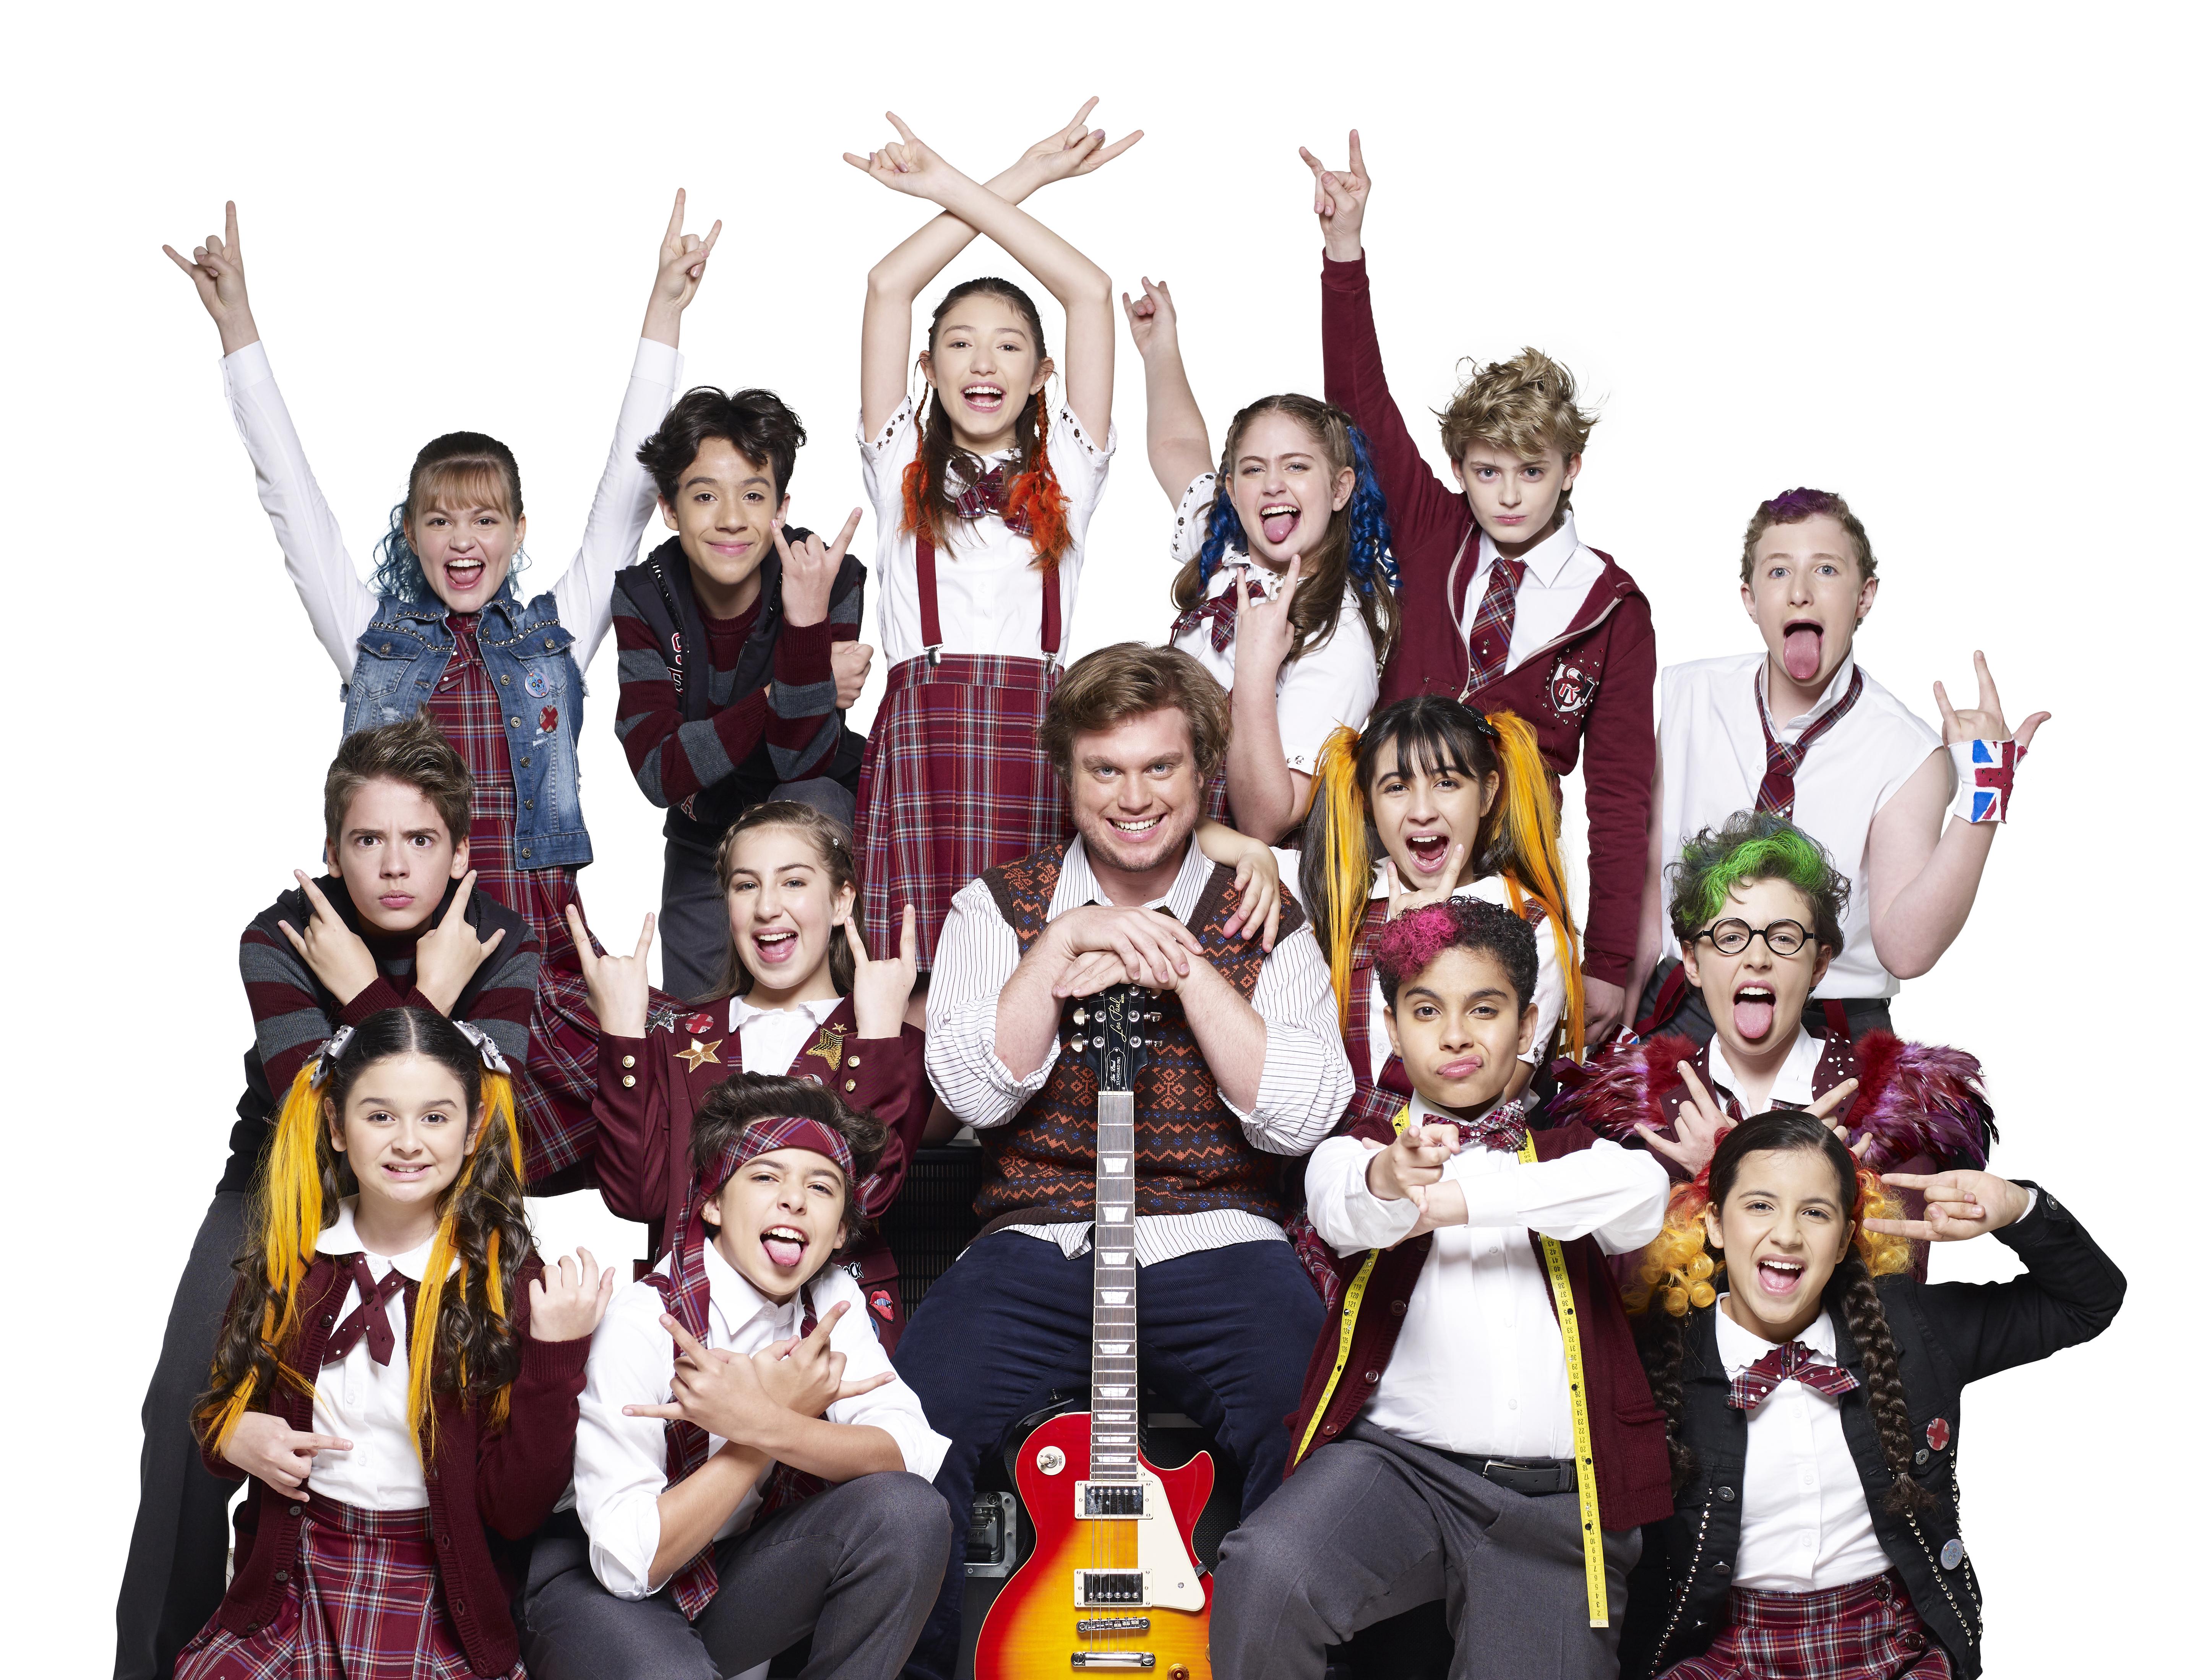 escola-do-rock